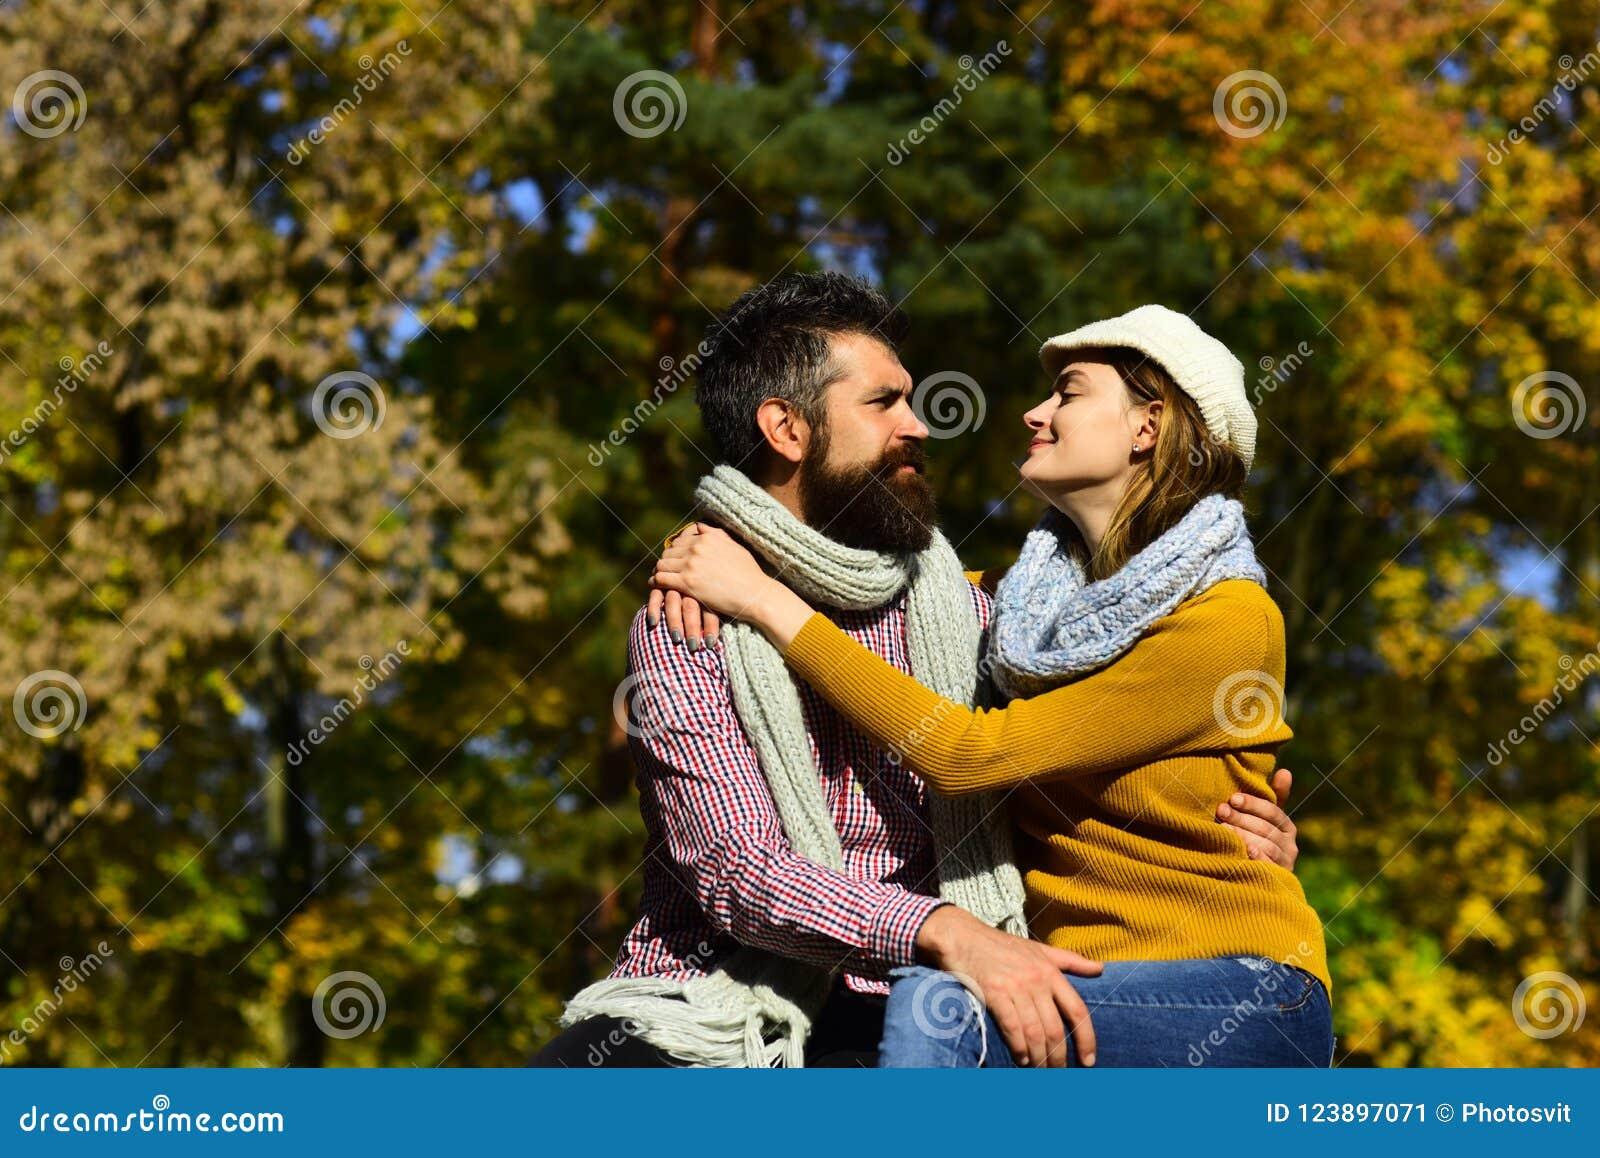 Bearded guys dating girls